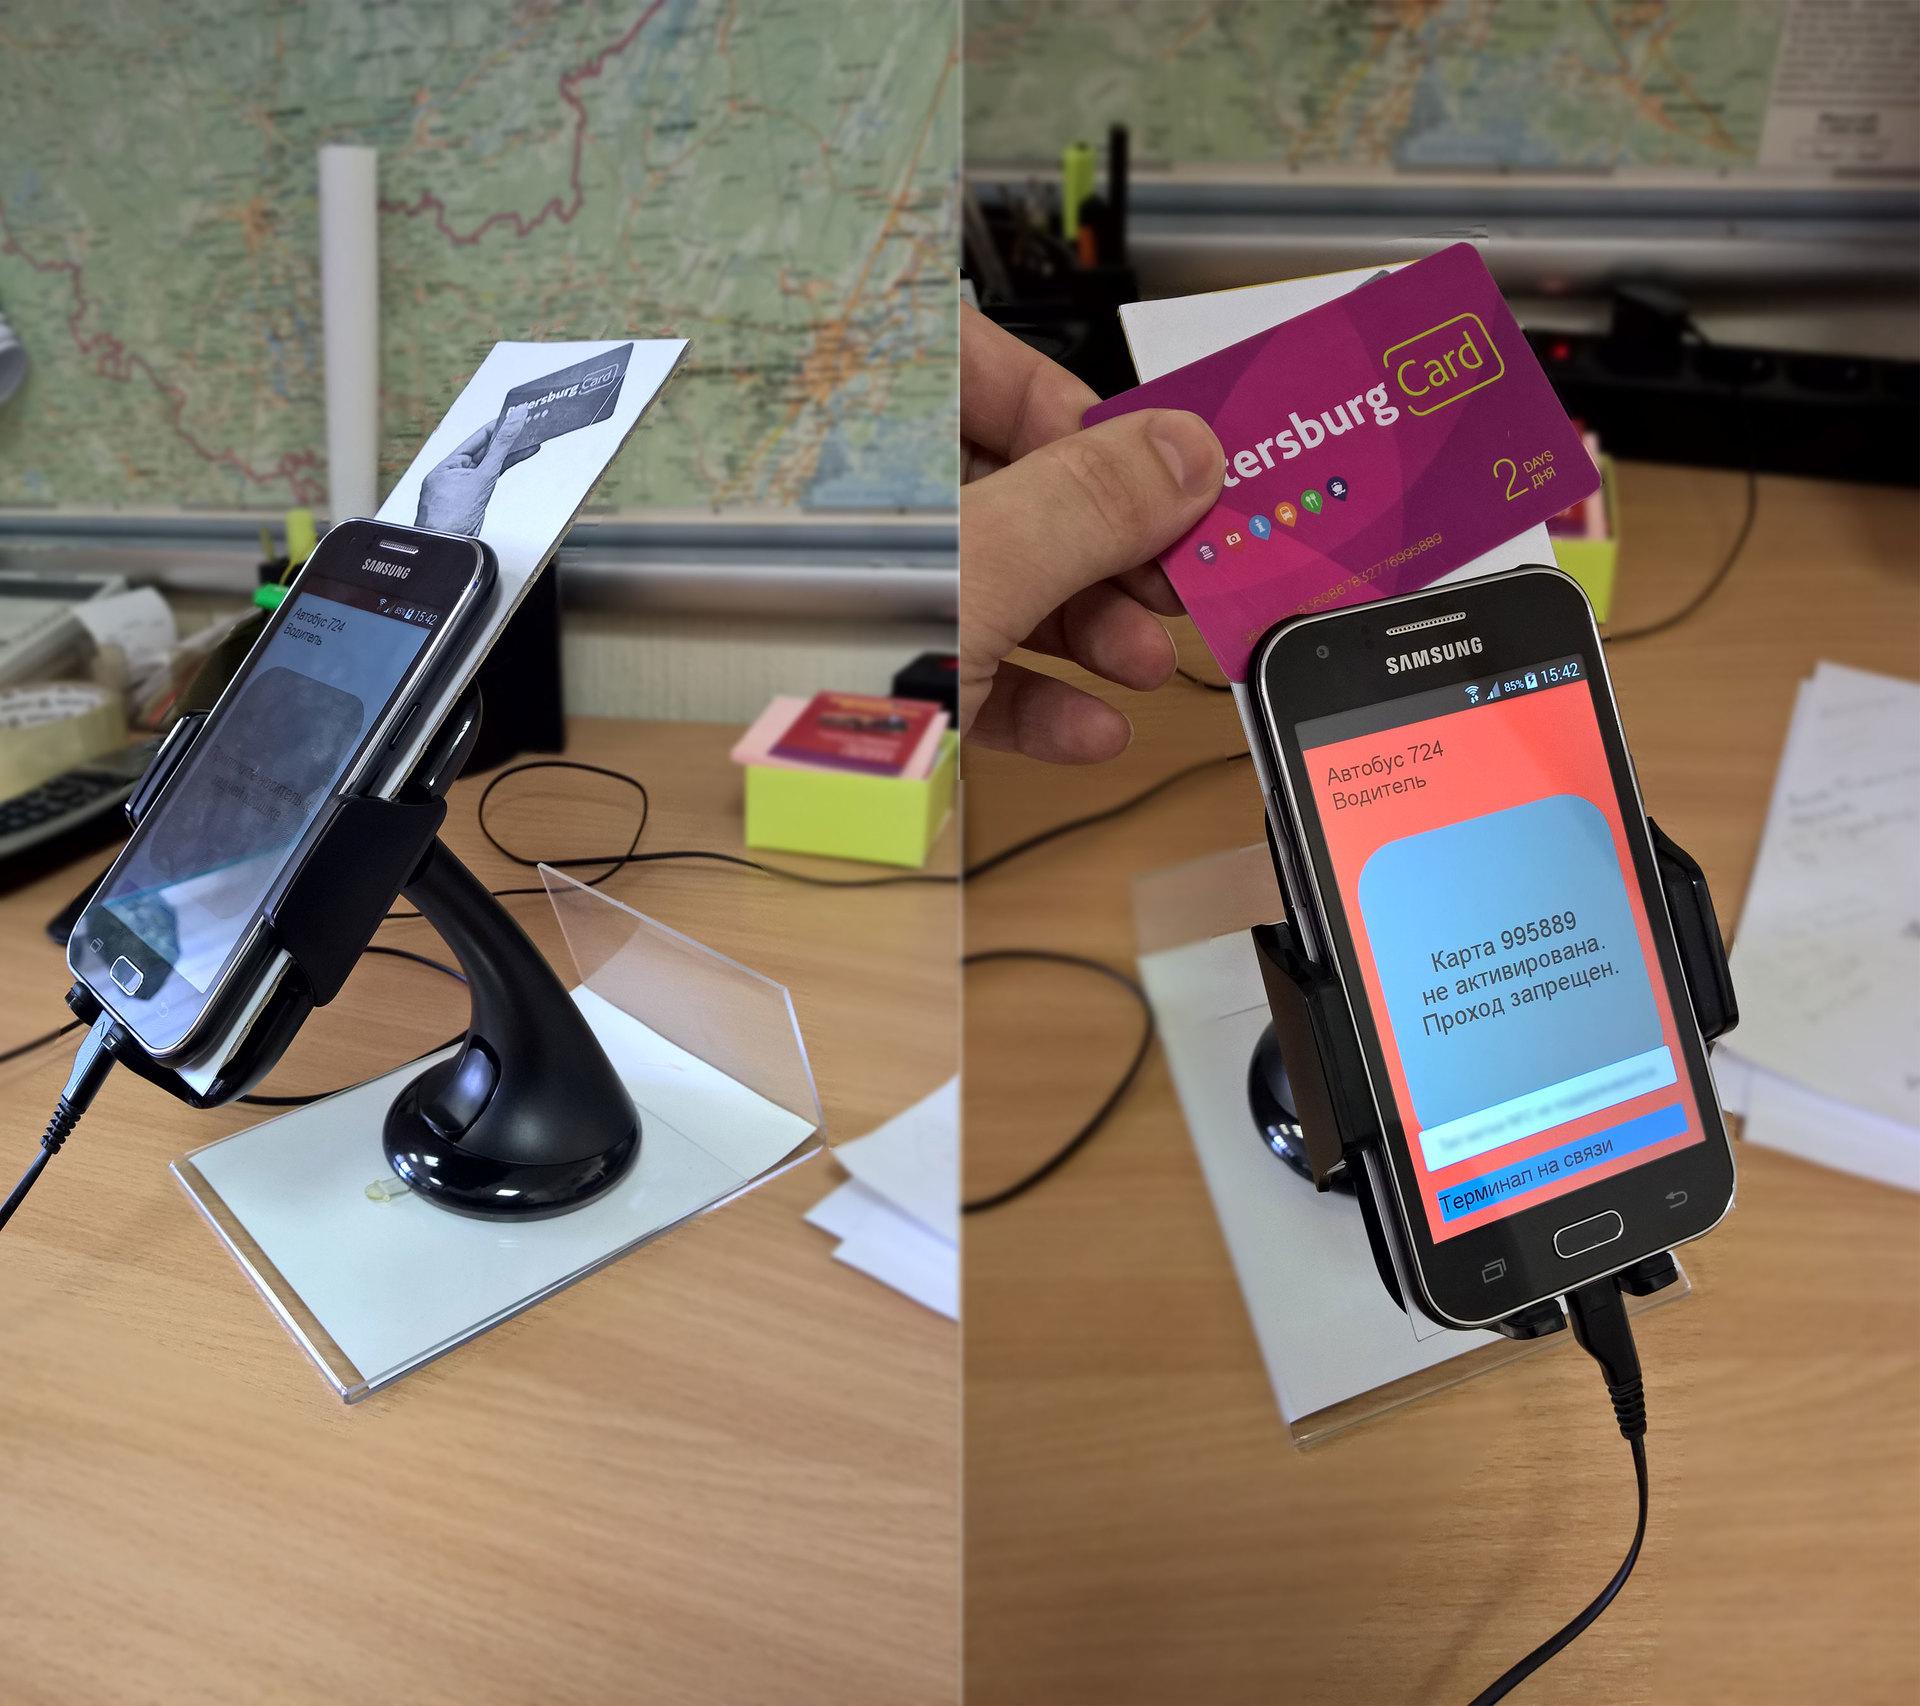 Пассивная NFC-планка для удобного считывания карт смартфоном